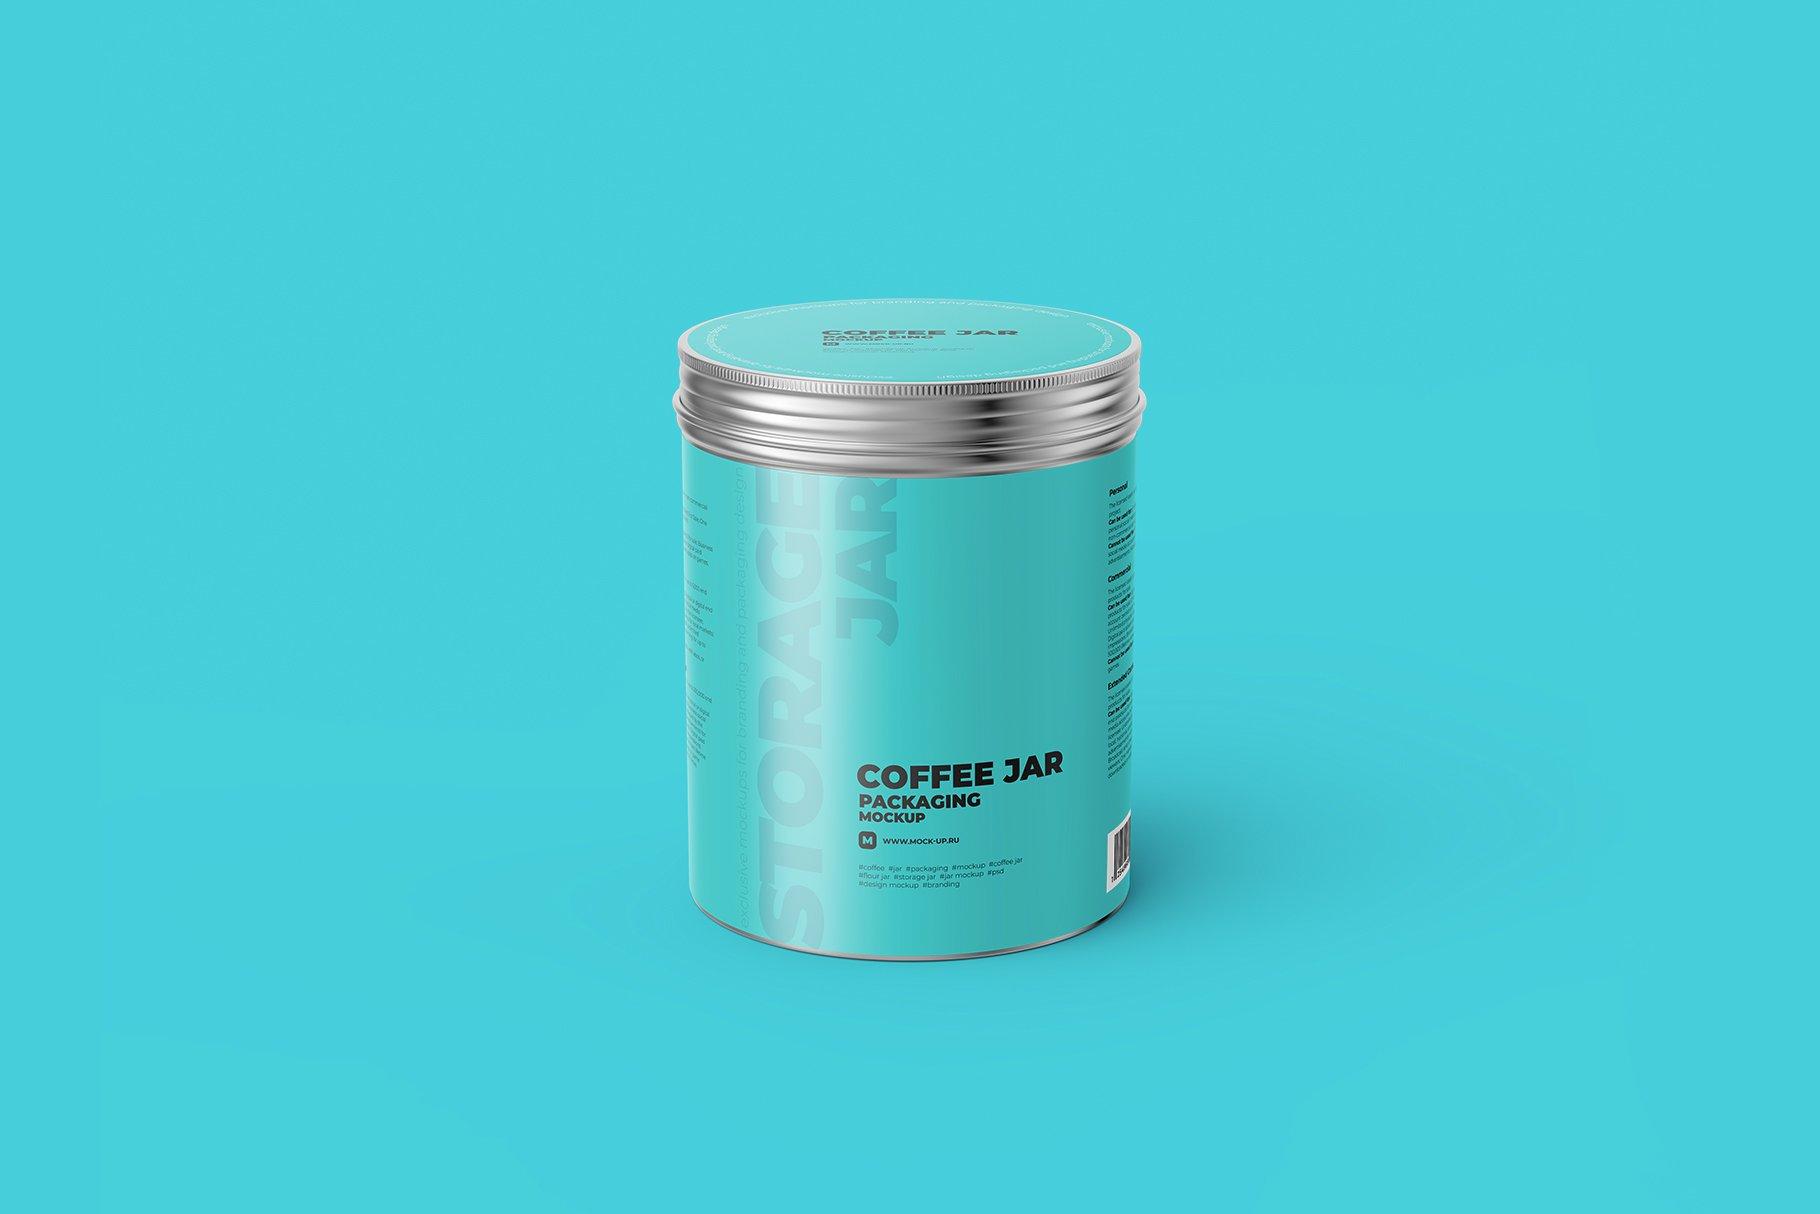 食品茶叶金属锡罐设计展示贴图样机模板 Metallic Storage Jar Angle View插图11